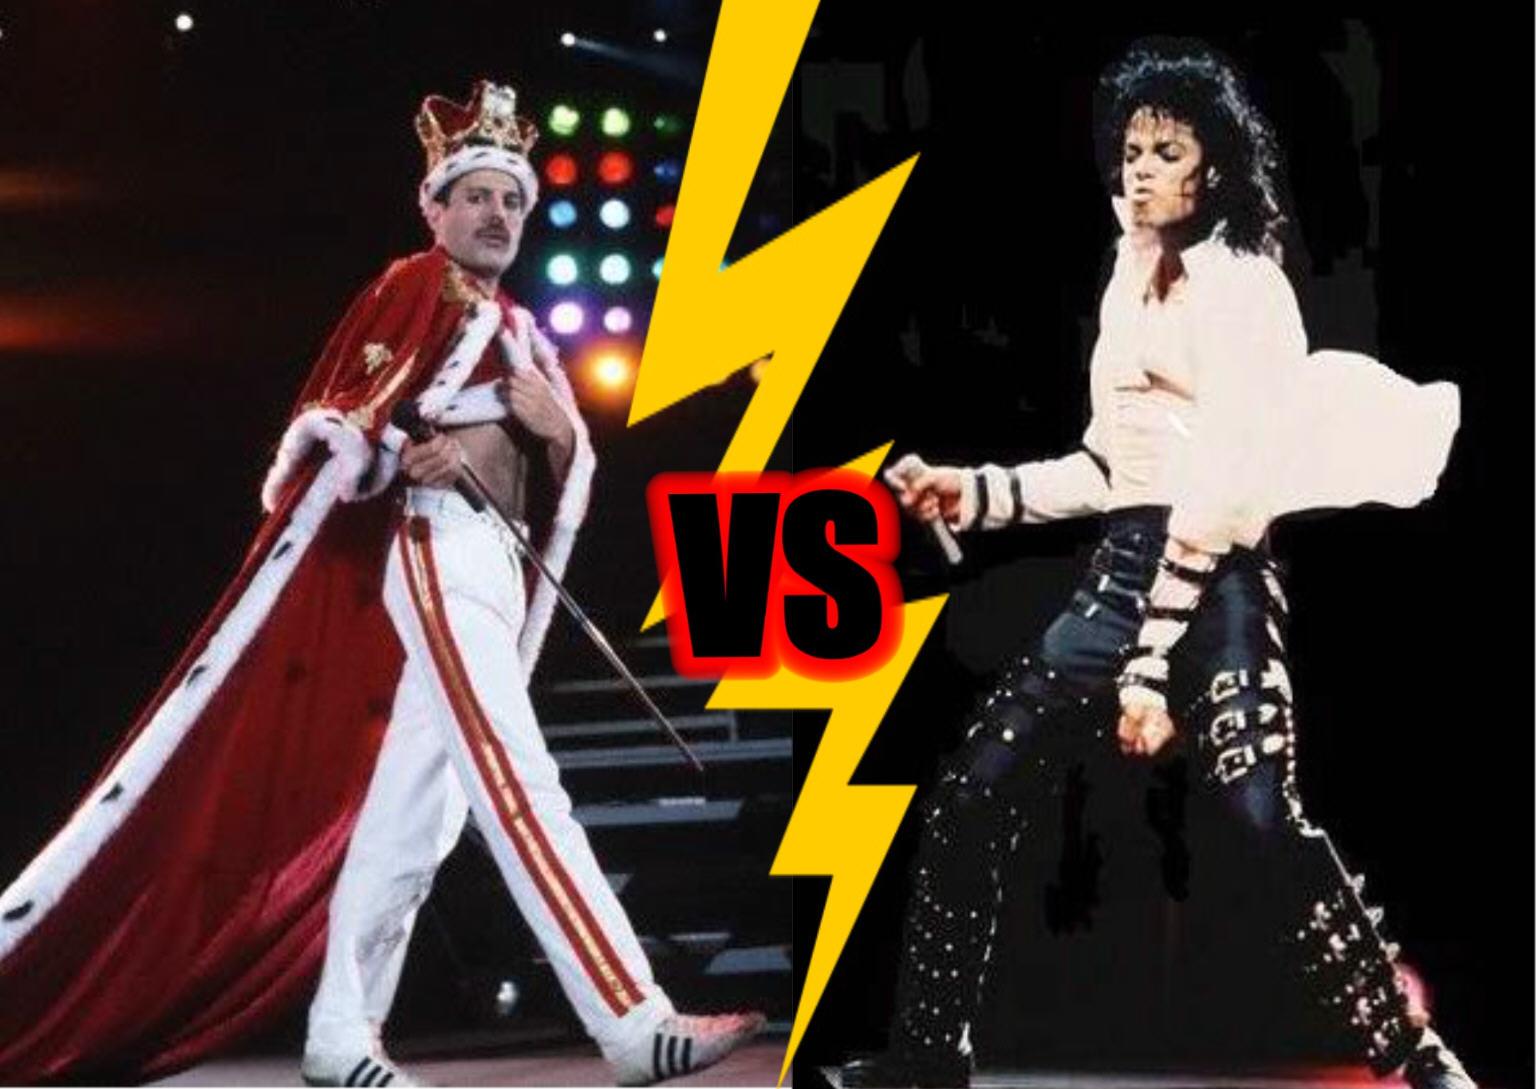 http://3.bp.blogspot.com/-BZq_IuCnALI/TmSF8Qi0CBI/AAAAAAAAAGQ/dwNOdJLchXE/s1600/Michael-Jackson-e-Freddie-Mercury.jpg